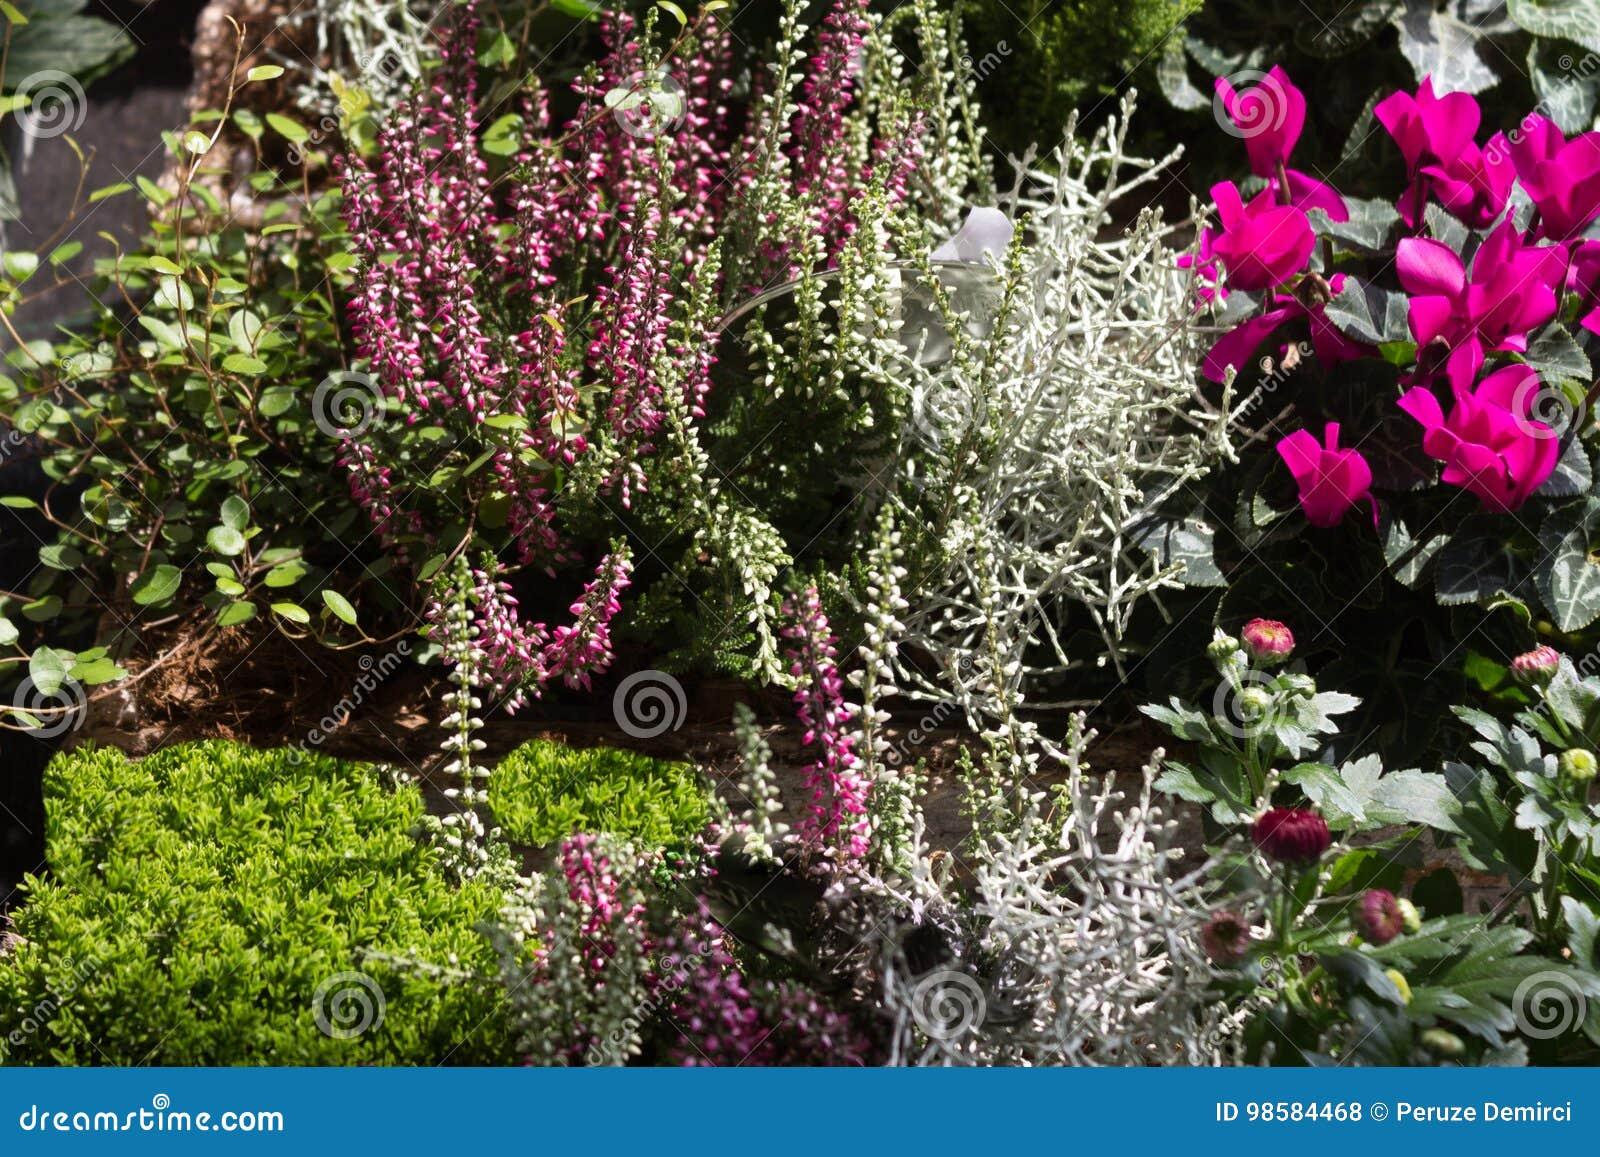 Un Jardin Con Las Plantas Resistentes De Erica Del Invierno - Plantas-de-jardin-resistentes